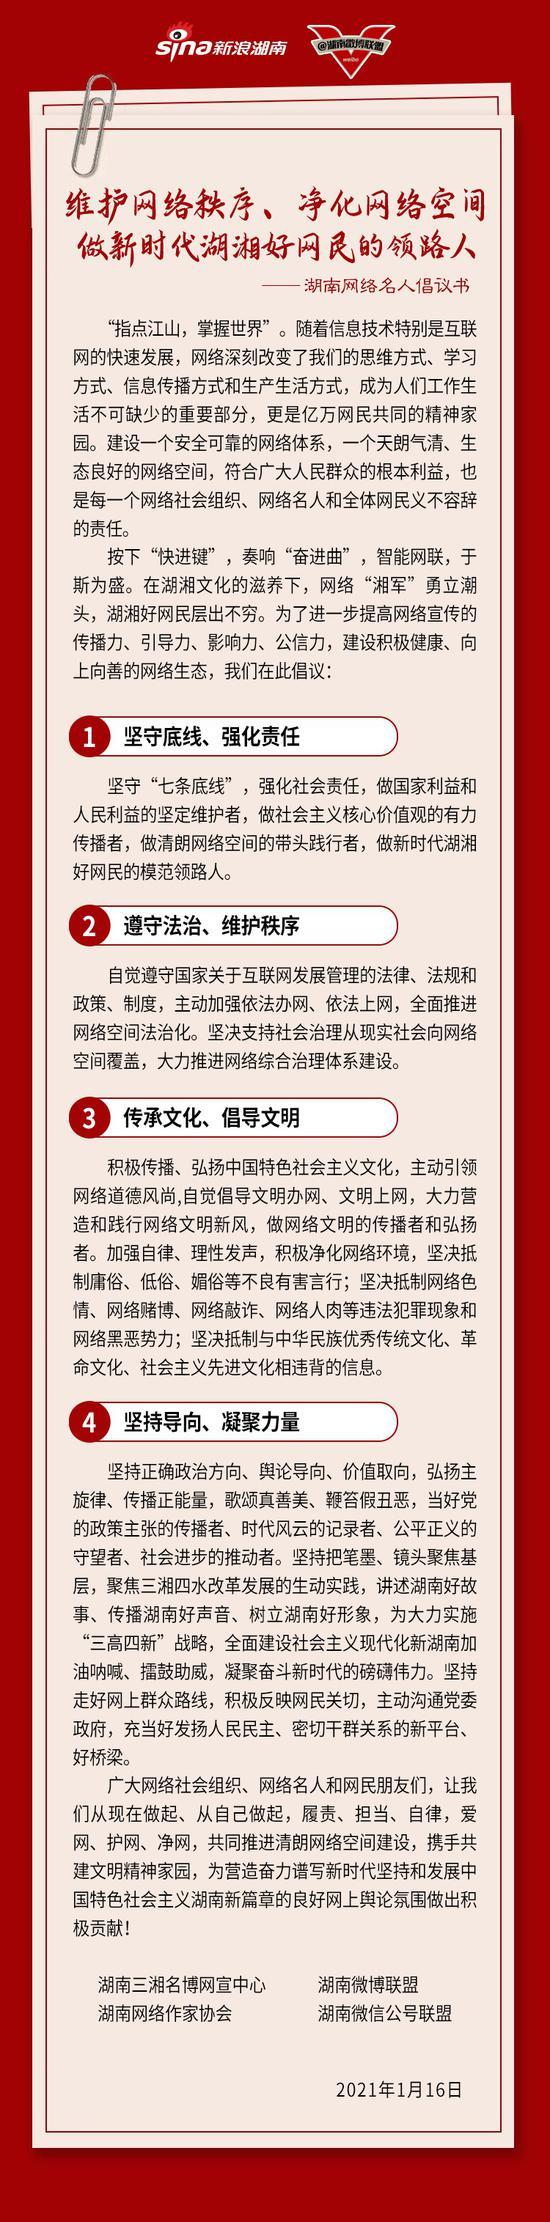 《维护网络秩序、净化网络空间,做新时代湖湘好网民的领路人》倡议书。